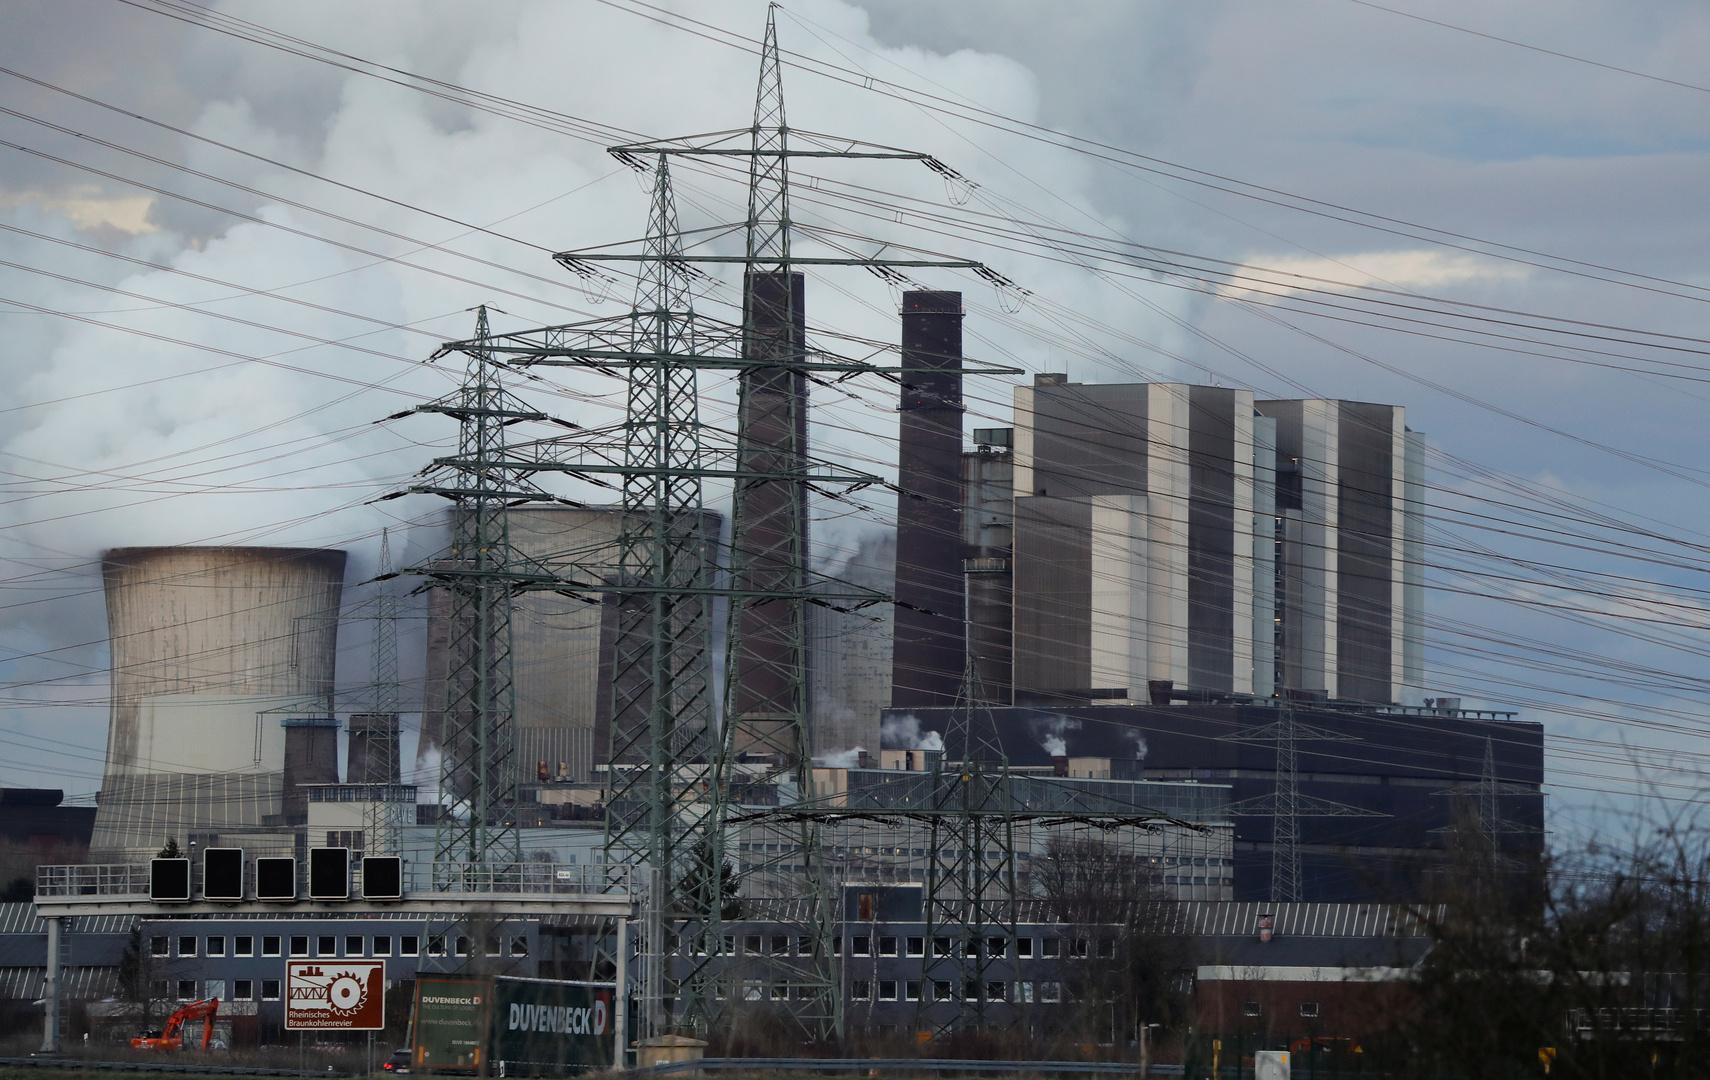 مؤسسة لتوليد الطاقة في ألمانيا